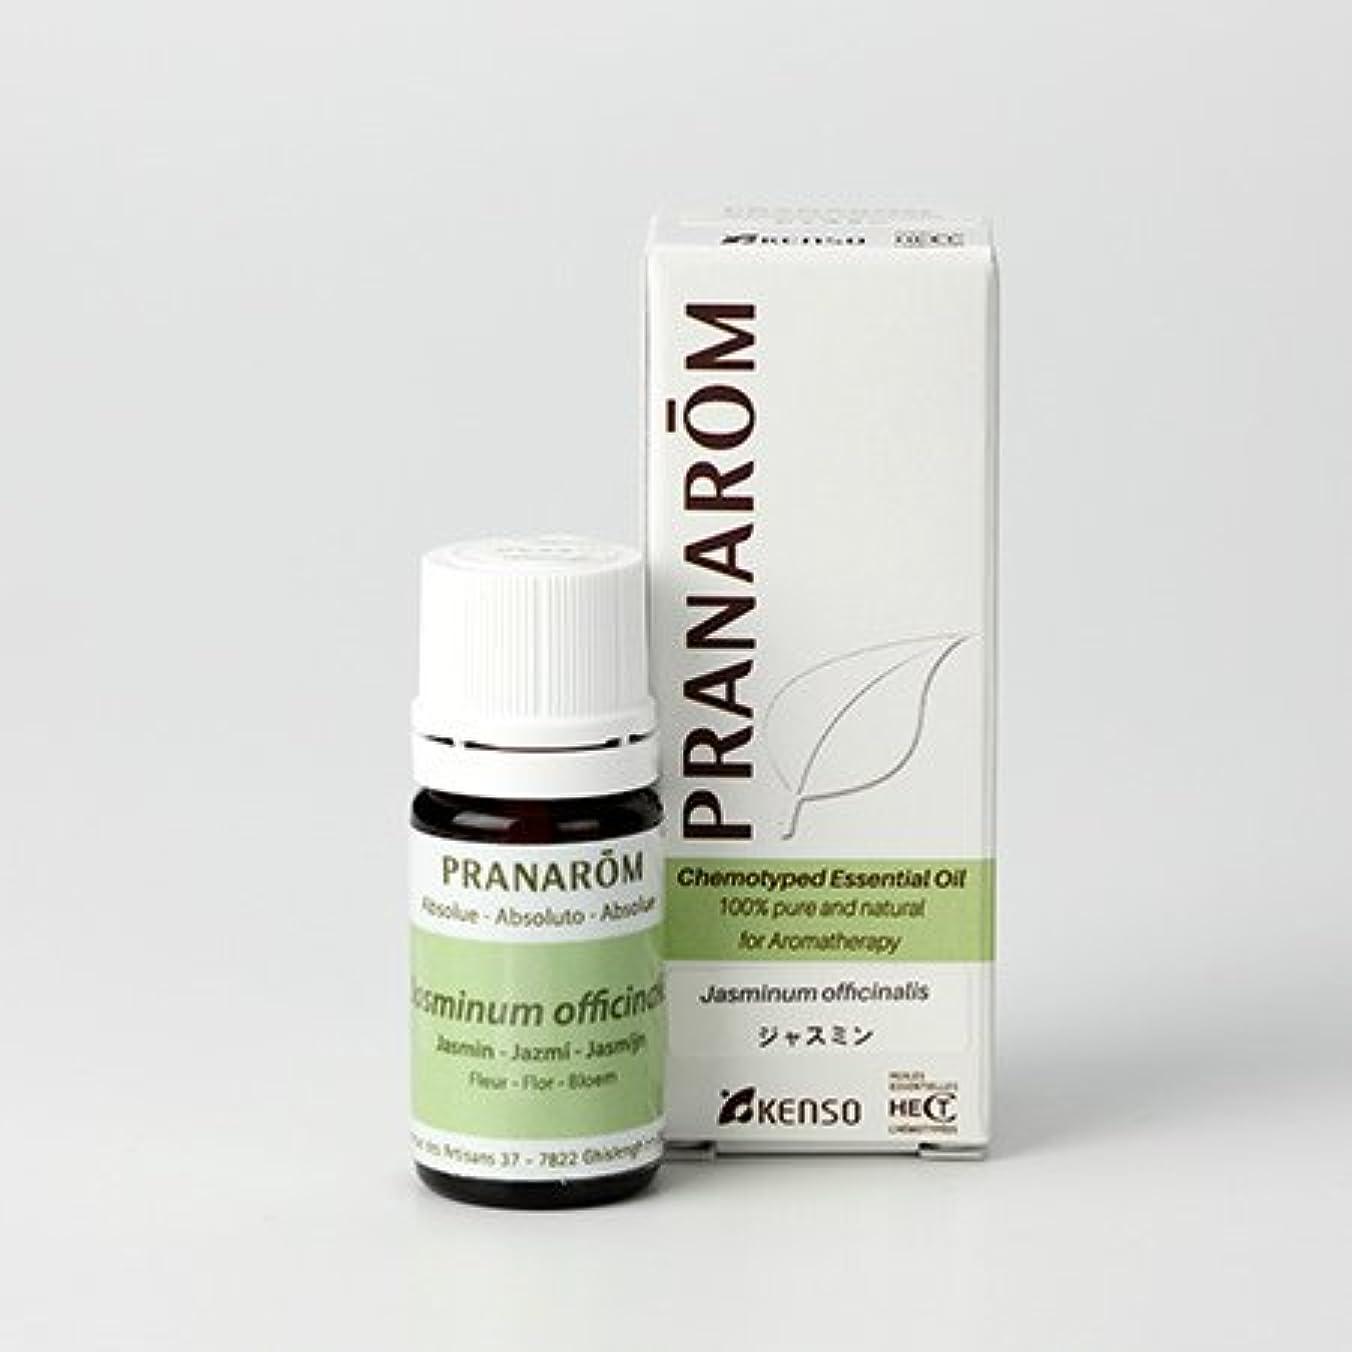 関数確かな予測するプラナロム ジャスミンAbs. 5ml (PRANAROM ケモタイプ精油)